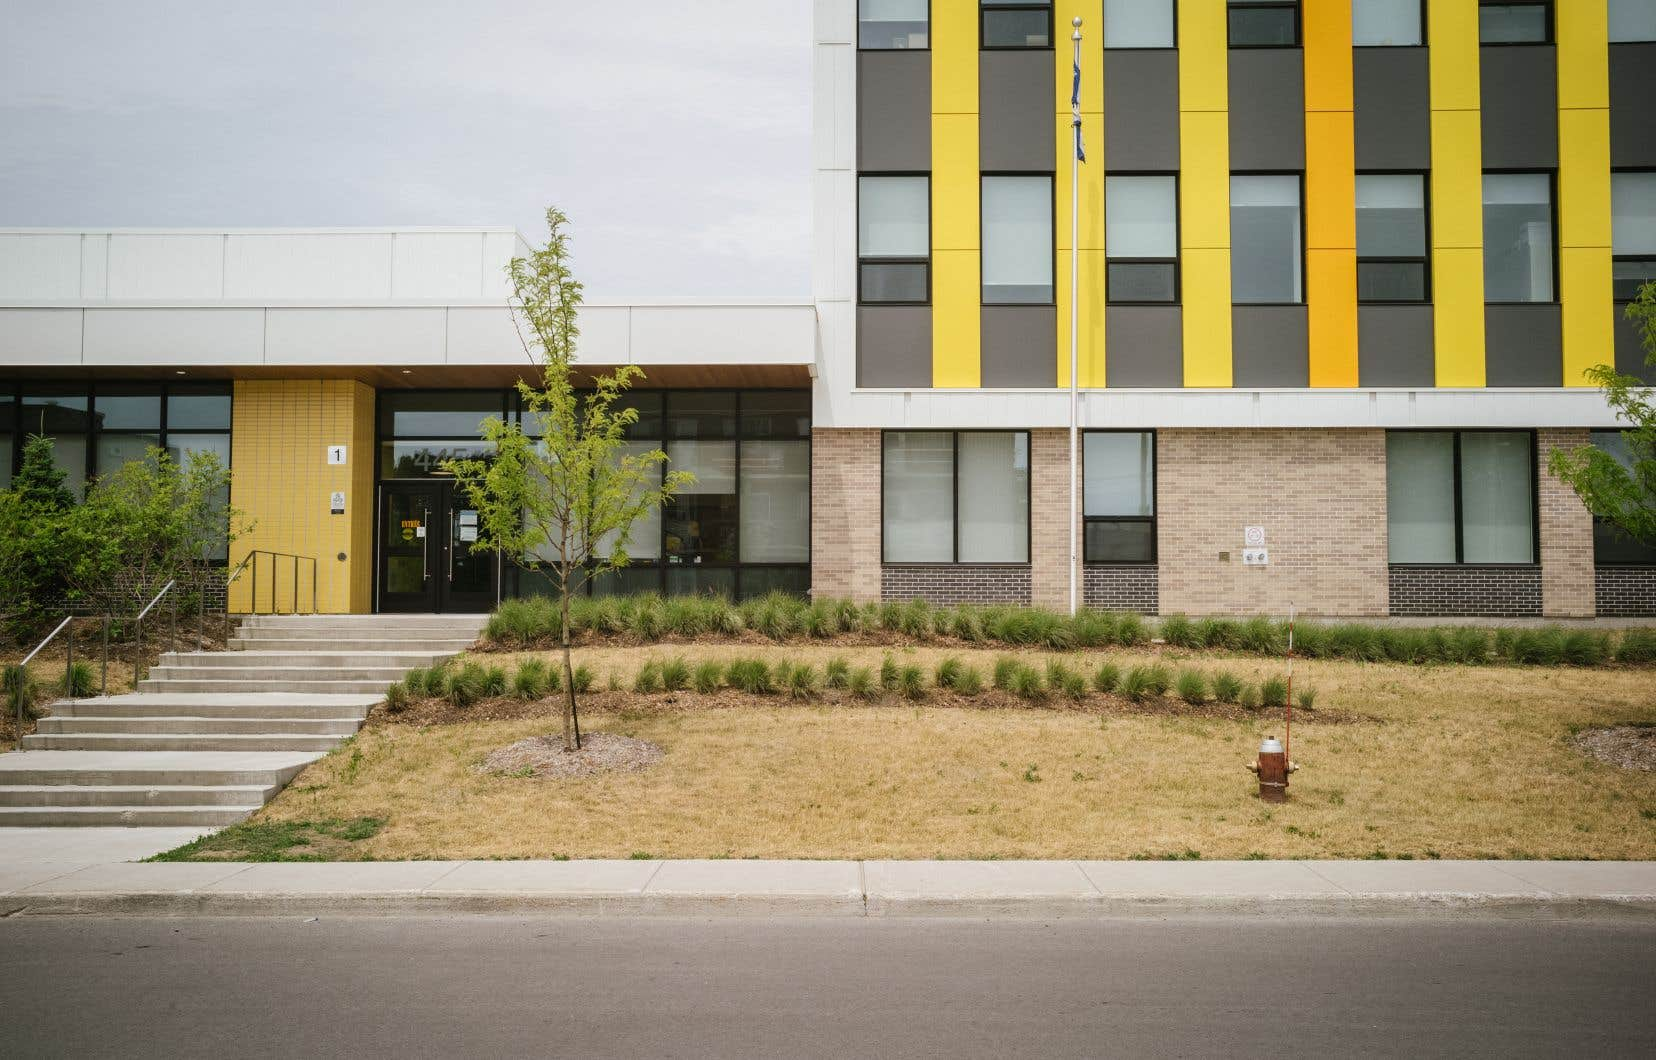 L'école dela Cime, située à Laval-des-Rapides, a été inaugurée en août 2019, quelques mois après l'entérinement par Québec en mars 2019 de la convention collective des enseignants. Cette convientionprévoit une baisse des ratios pourles écoles ayant un indice de 9 ou 10, mais l'école primaire ne figure pas encore sur la liste des des établissements défavorisés.